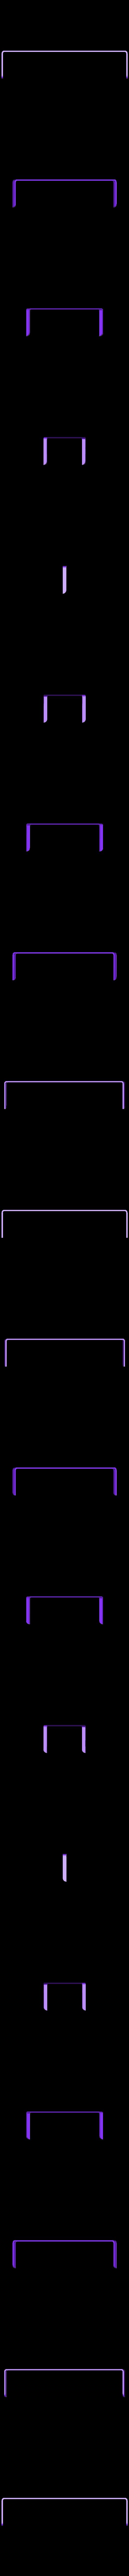 Liseré Blanc.stl Télécharger fichier STL gratuit Marshall Amplifier Style Keychain Holder • Plan pour impression 3D, DaGoN